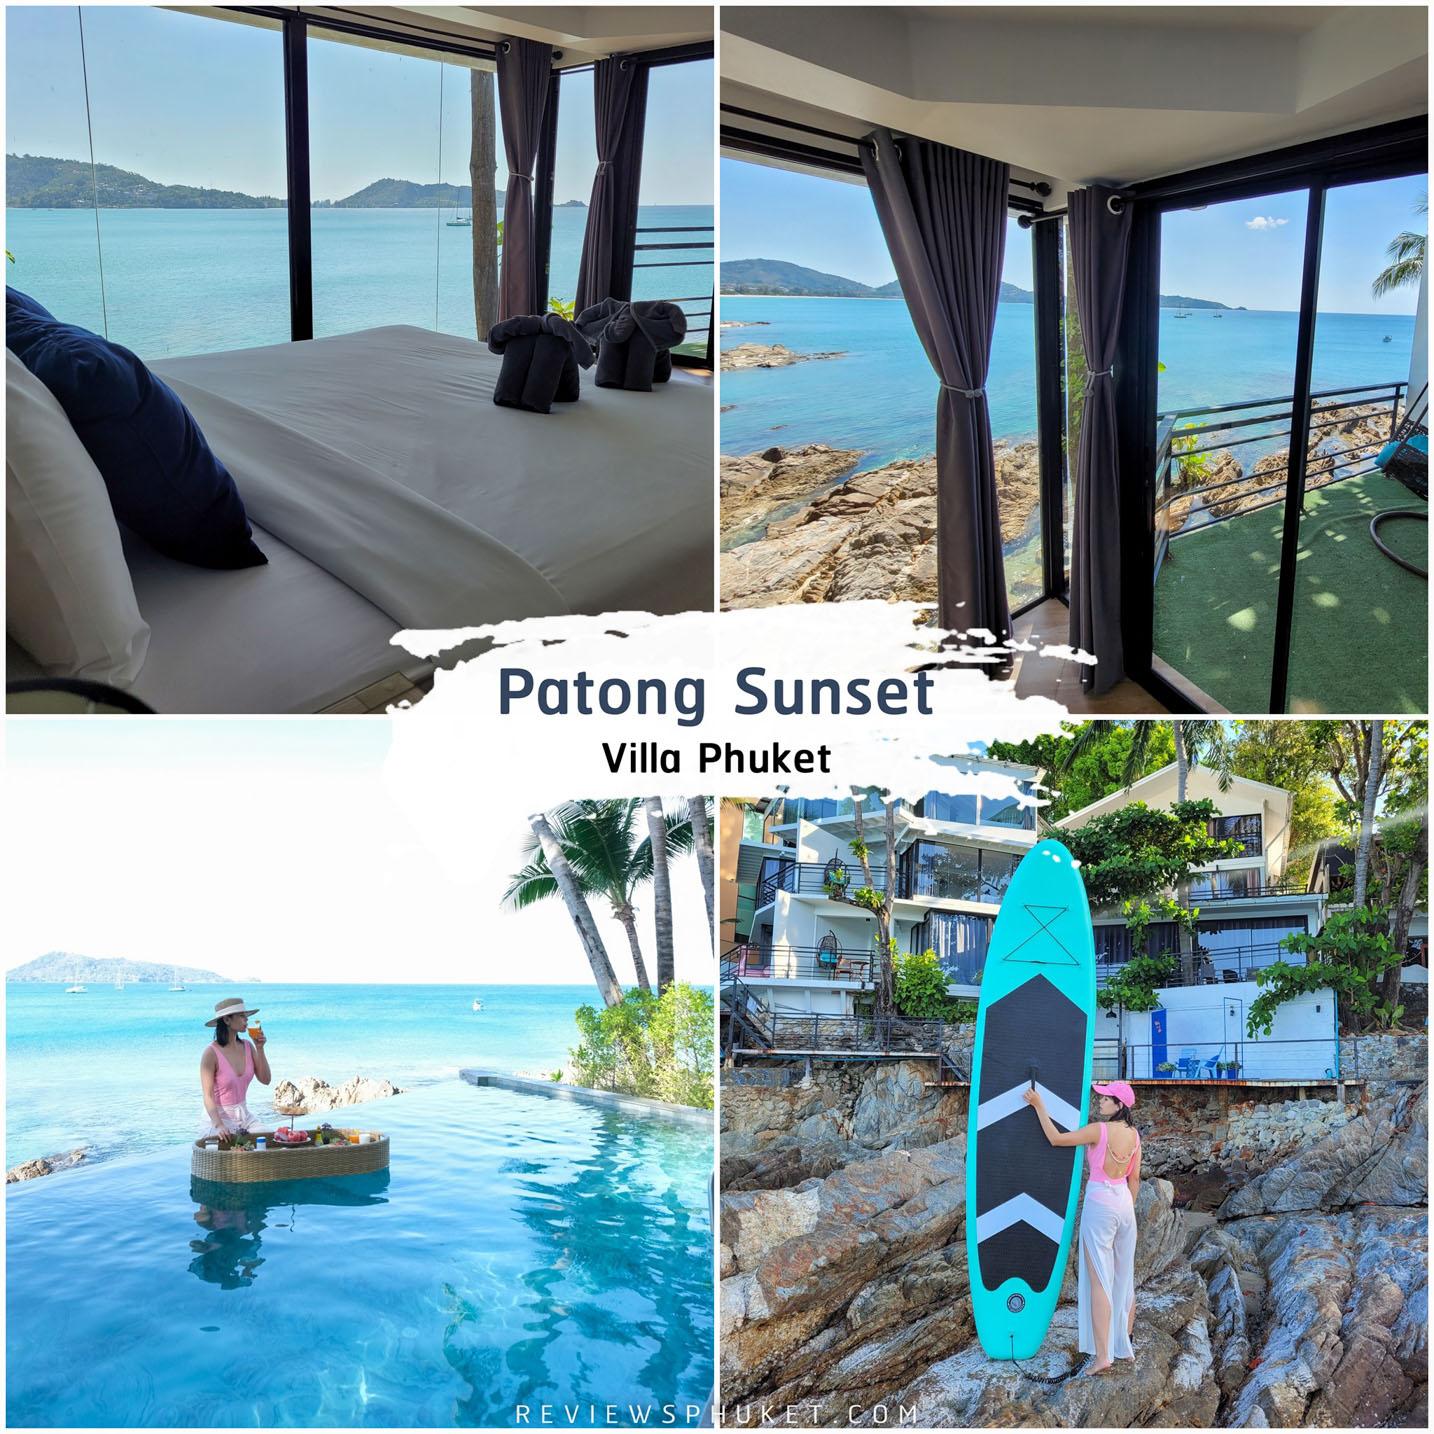 Patong-Sunset-Villa -วิลล่าเด็ดวิวหลักล้านในราคาเพียงหลักพัน-ตามชื่อเลย-ตรงนี้คือ-Sunset-แบบนอนฟินๆชมพระอาทิตย์ตกคือสวยมวากกก-10/10-บอกเลย-หาดสวยน้ำใส-มีโขดหินสุดปังที่ไม่เหมือนที่ไหนแน่นอน-บอกเลยต้องห้ามพลาด  ที่พักภูเก็ต,ที่พักหรู,วิวหลักล้าน,ริมทะเล,โรงแรม,รีสอร์ท,Phuket,หาดสวย,น้ำใส